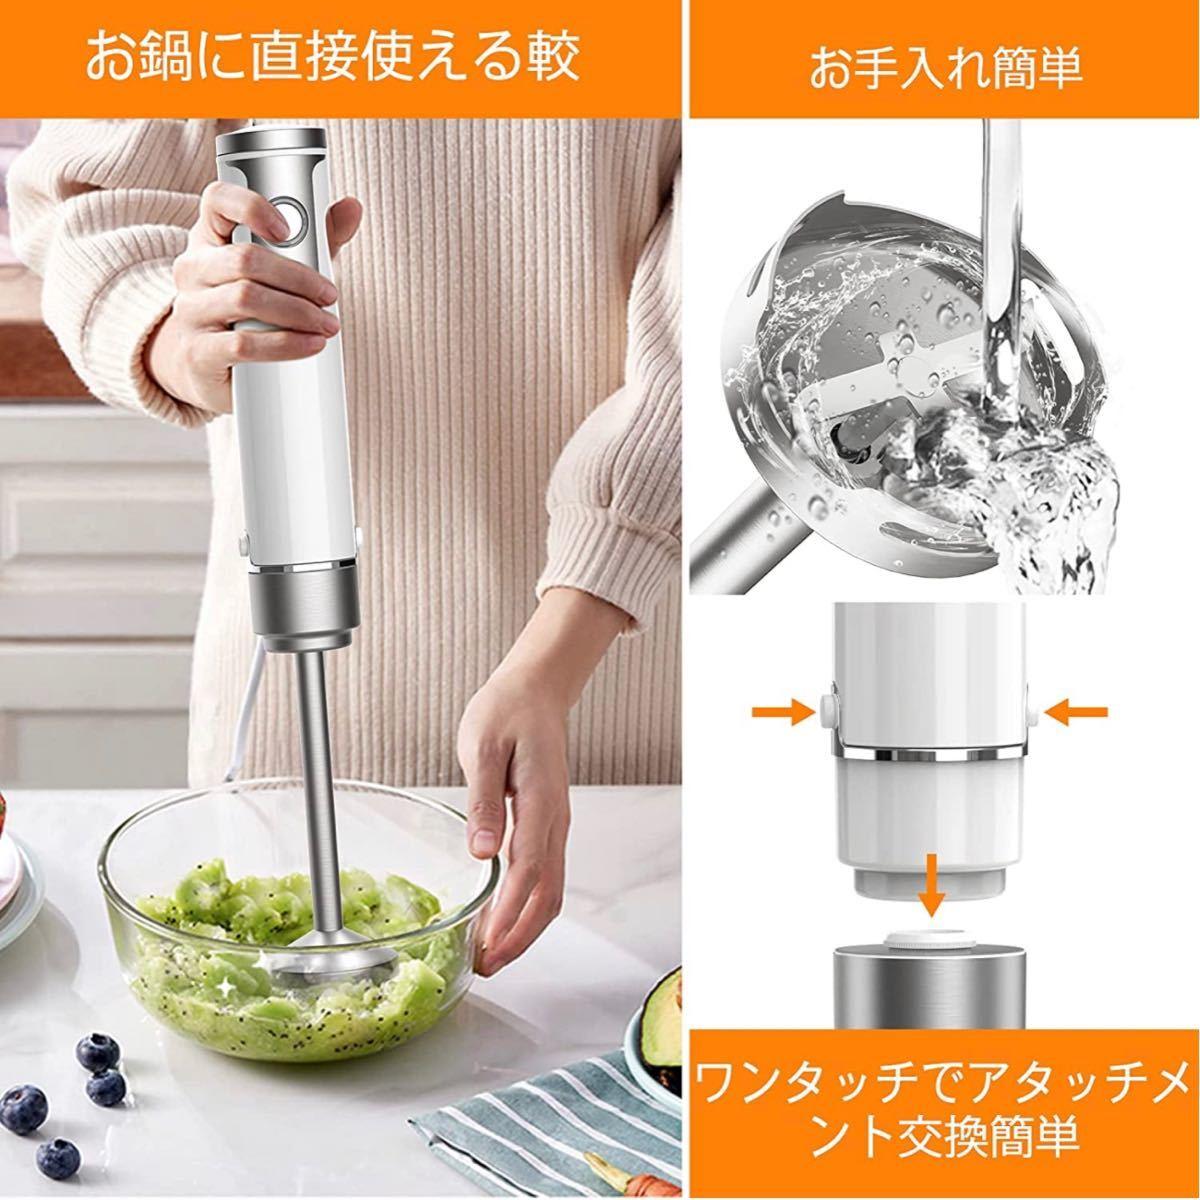 【送料無料】新発売 ハンドブレンダー ハンディミキサー ホワイト 調理器具